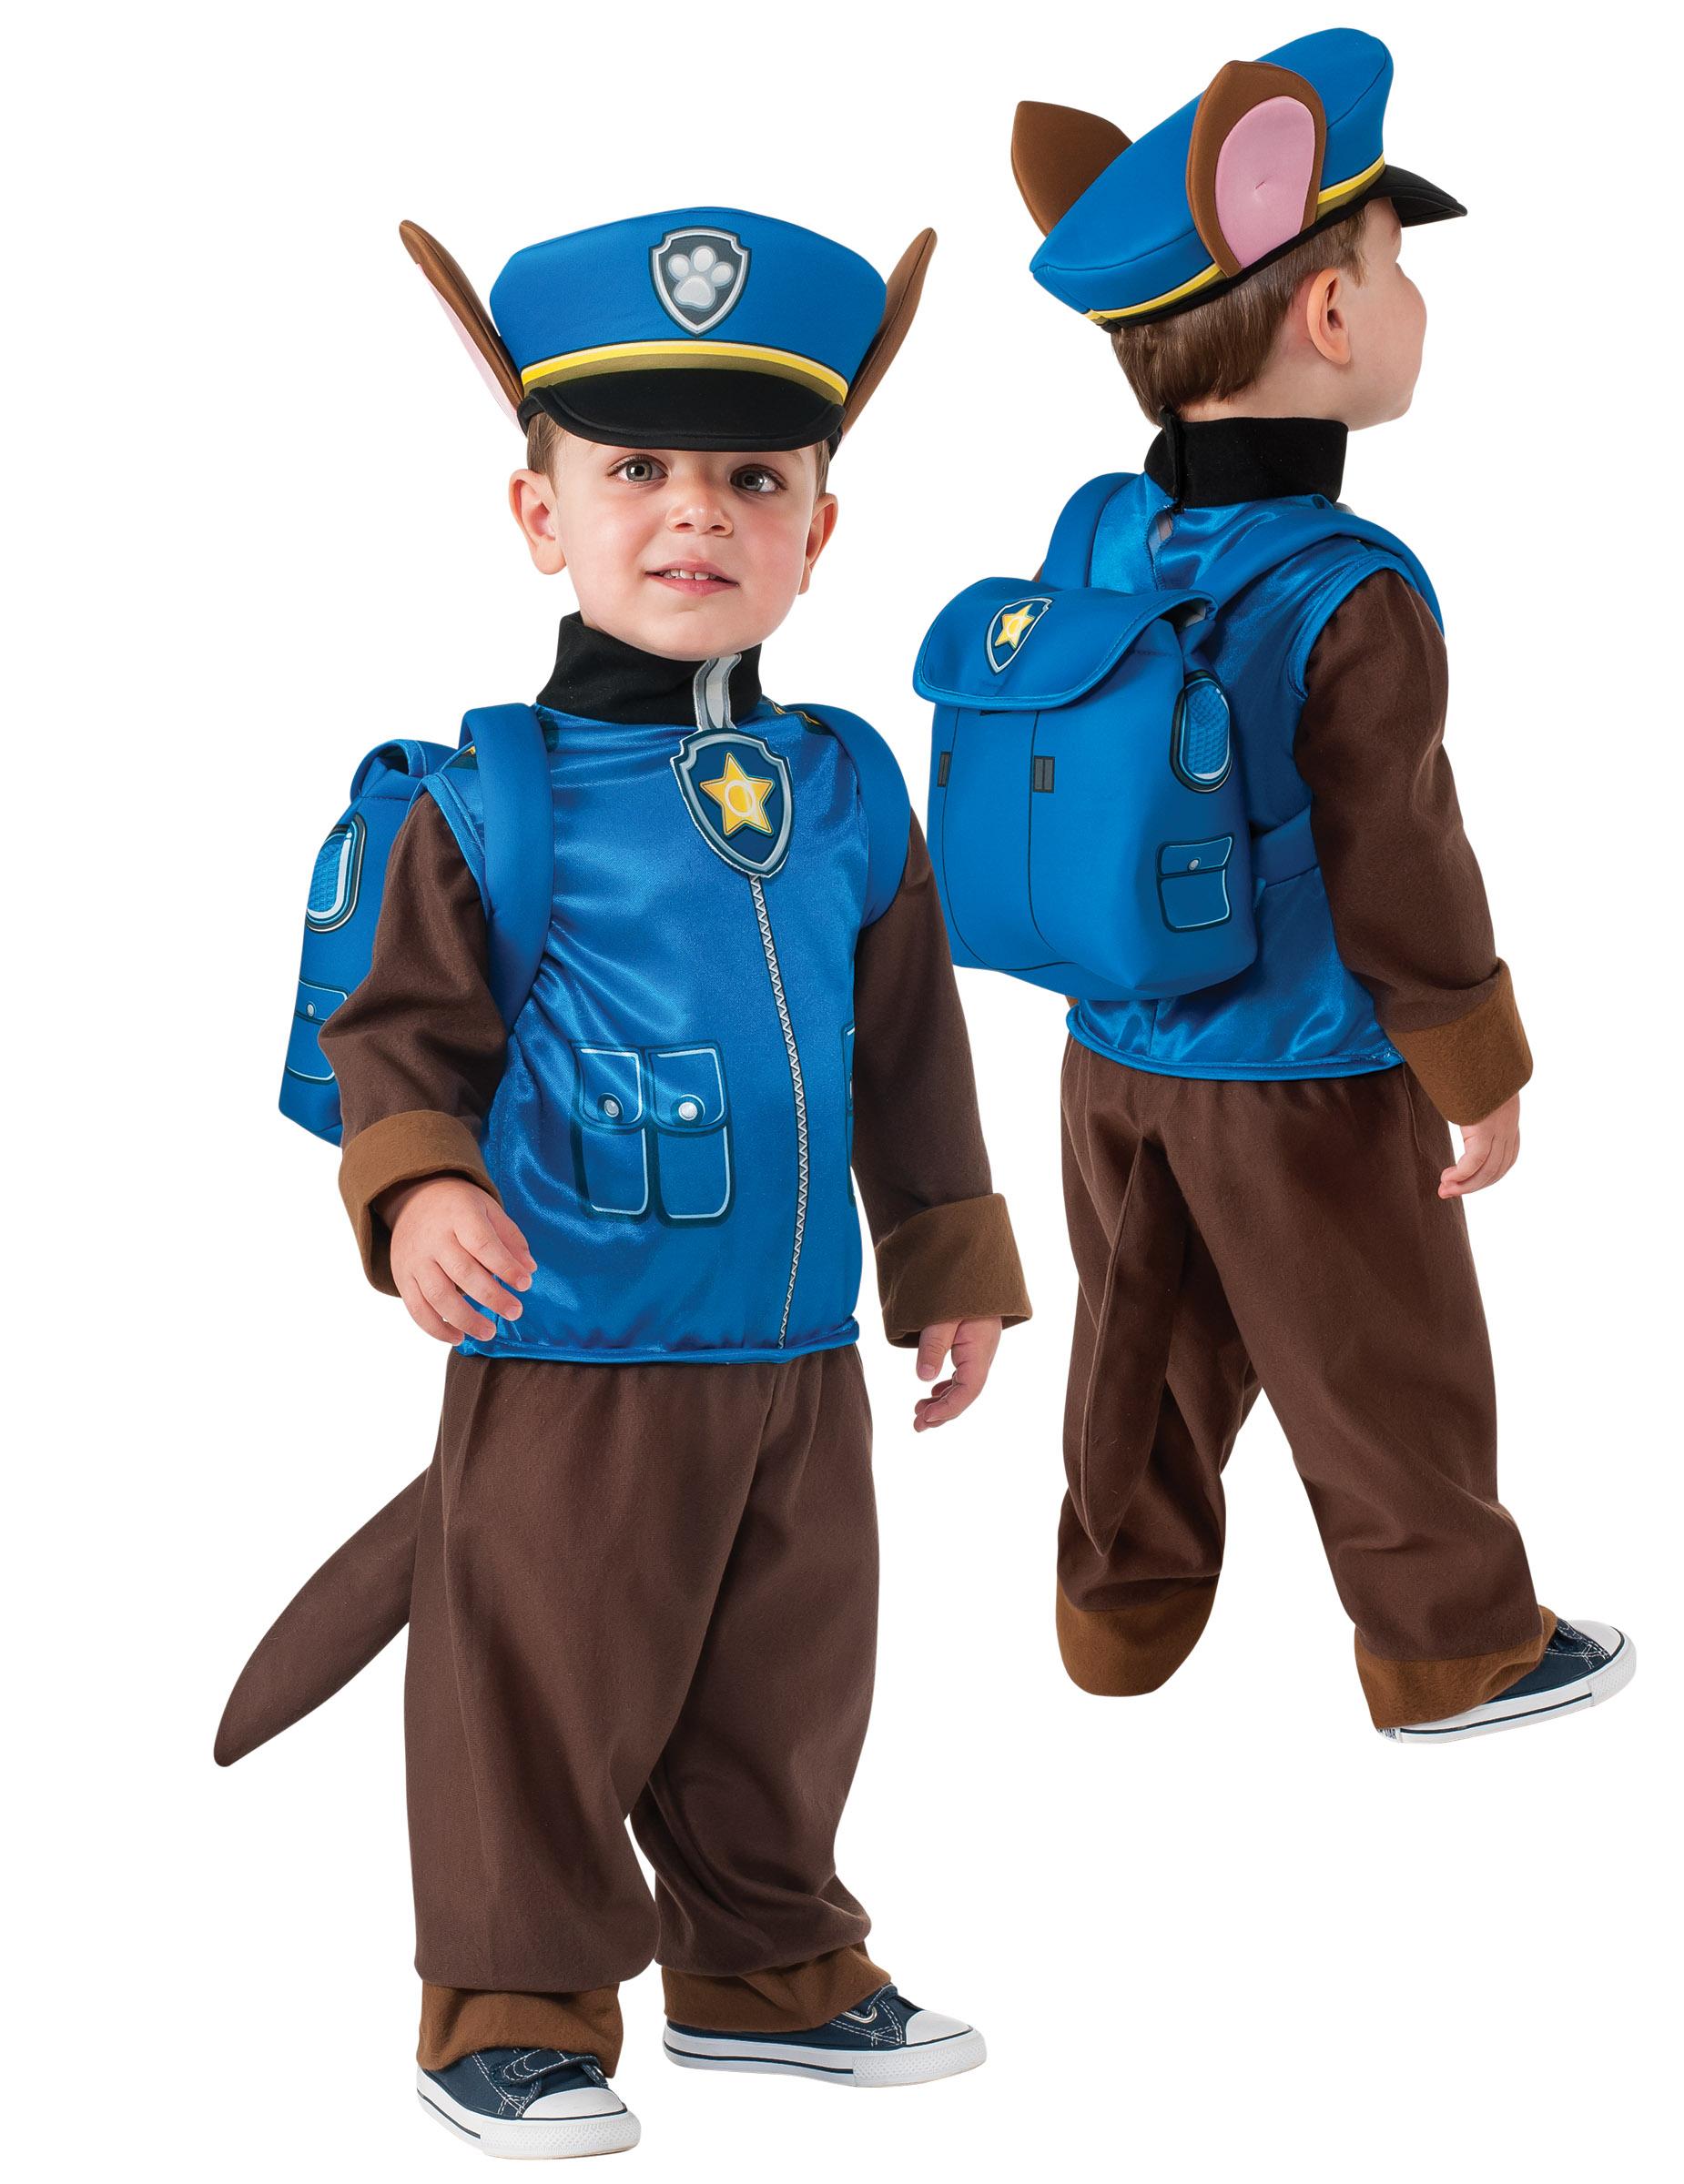 d guisement luxe policier chase pat 39 patrouille enfant deguise toi achat de d guisements enfants. Black Bedroom Furniture Sets. Home Design Ideas